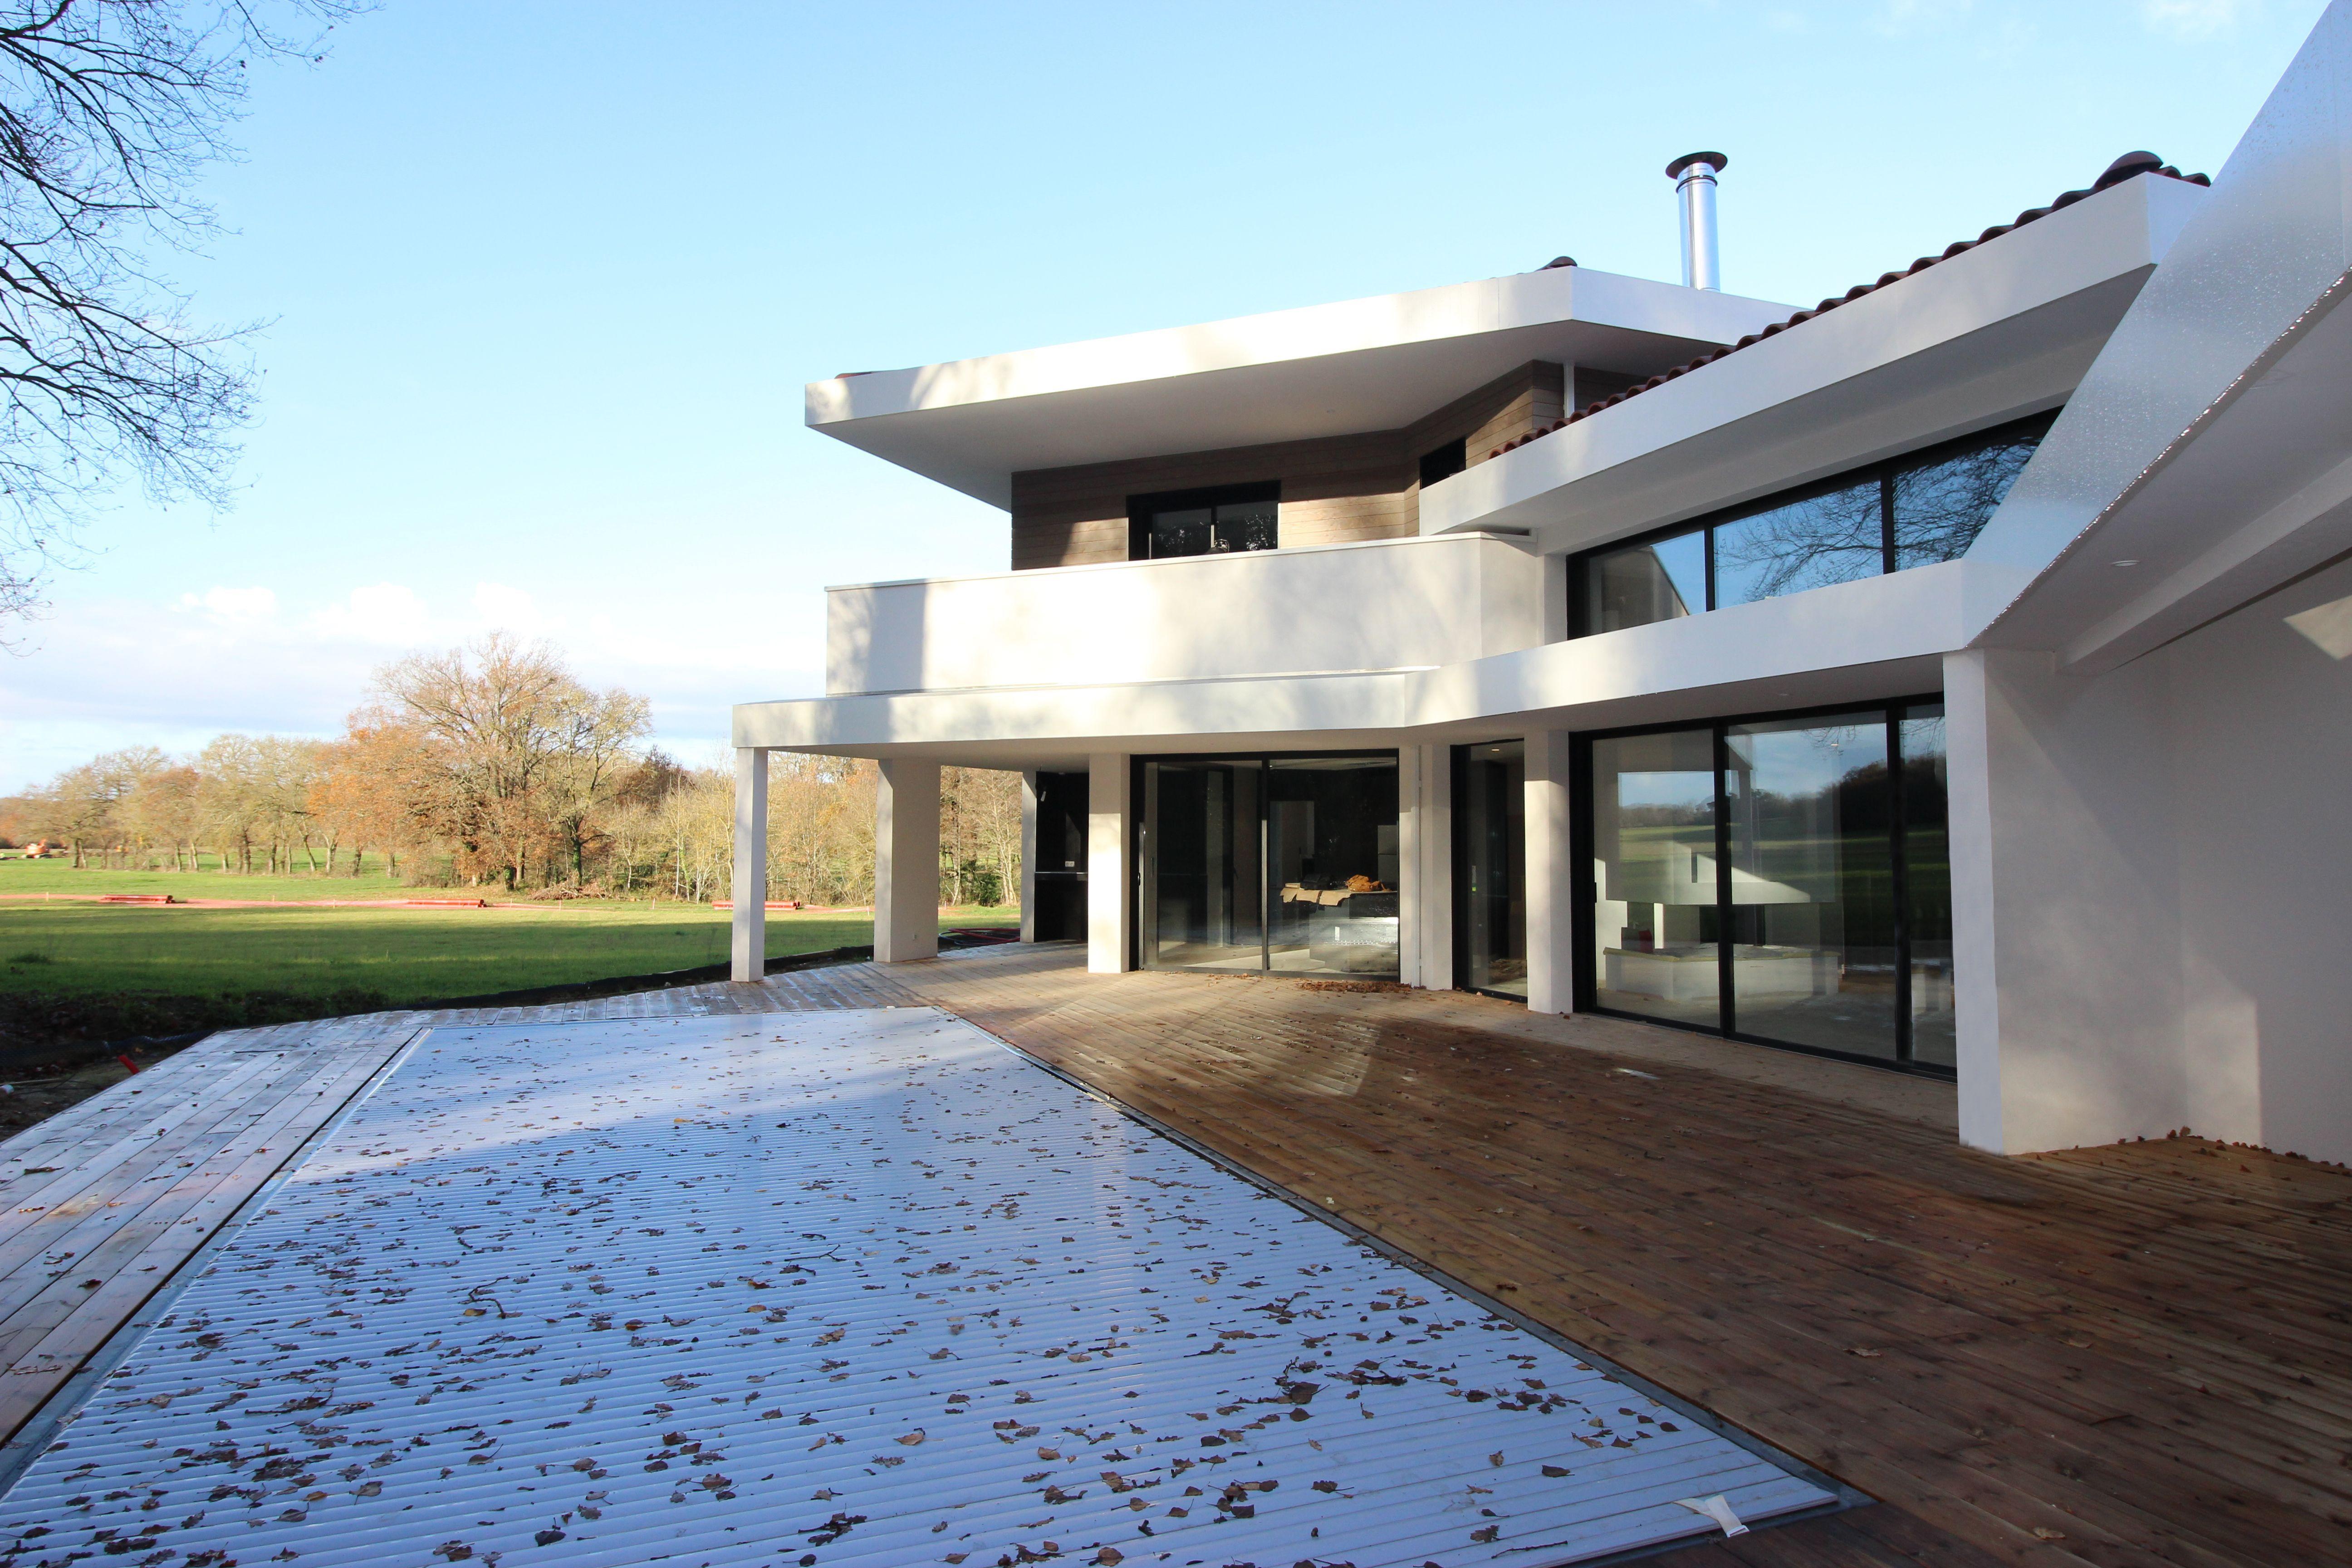 Villa De Luxe A Casquette Beton Avec Baies A Galandage Et